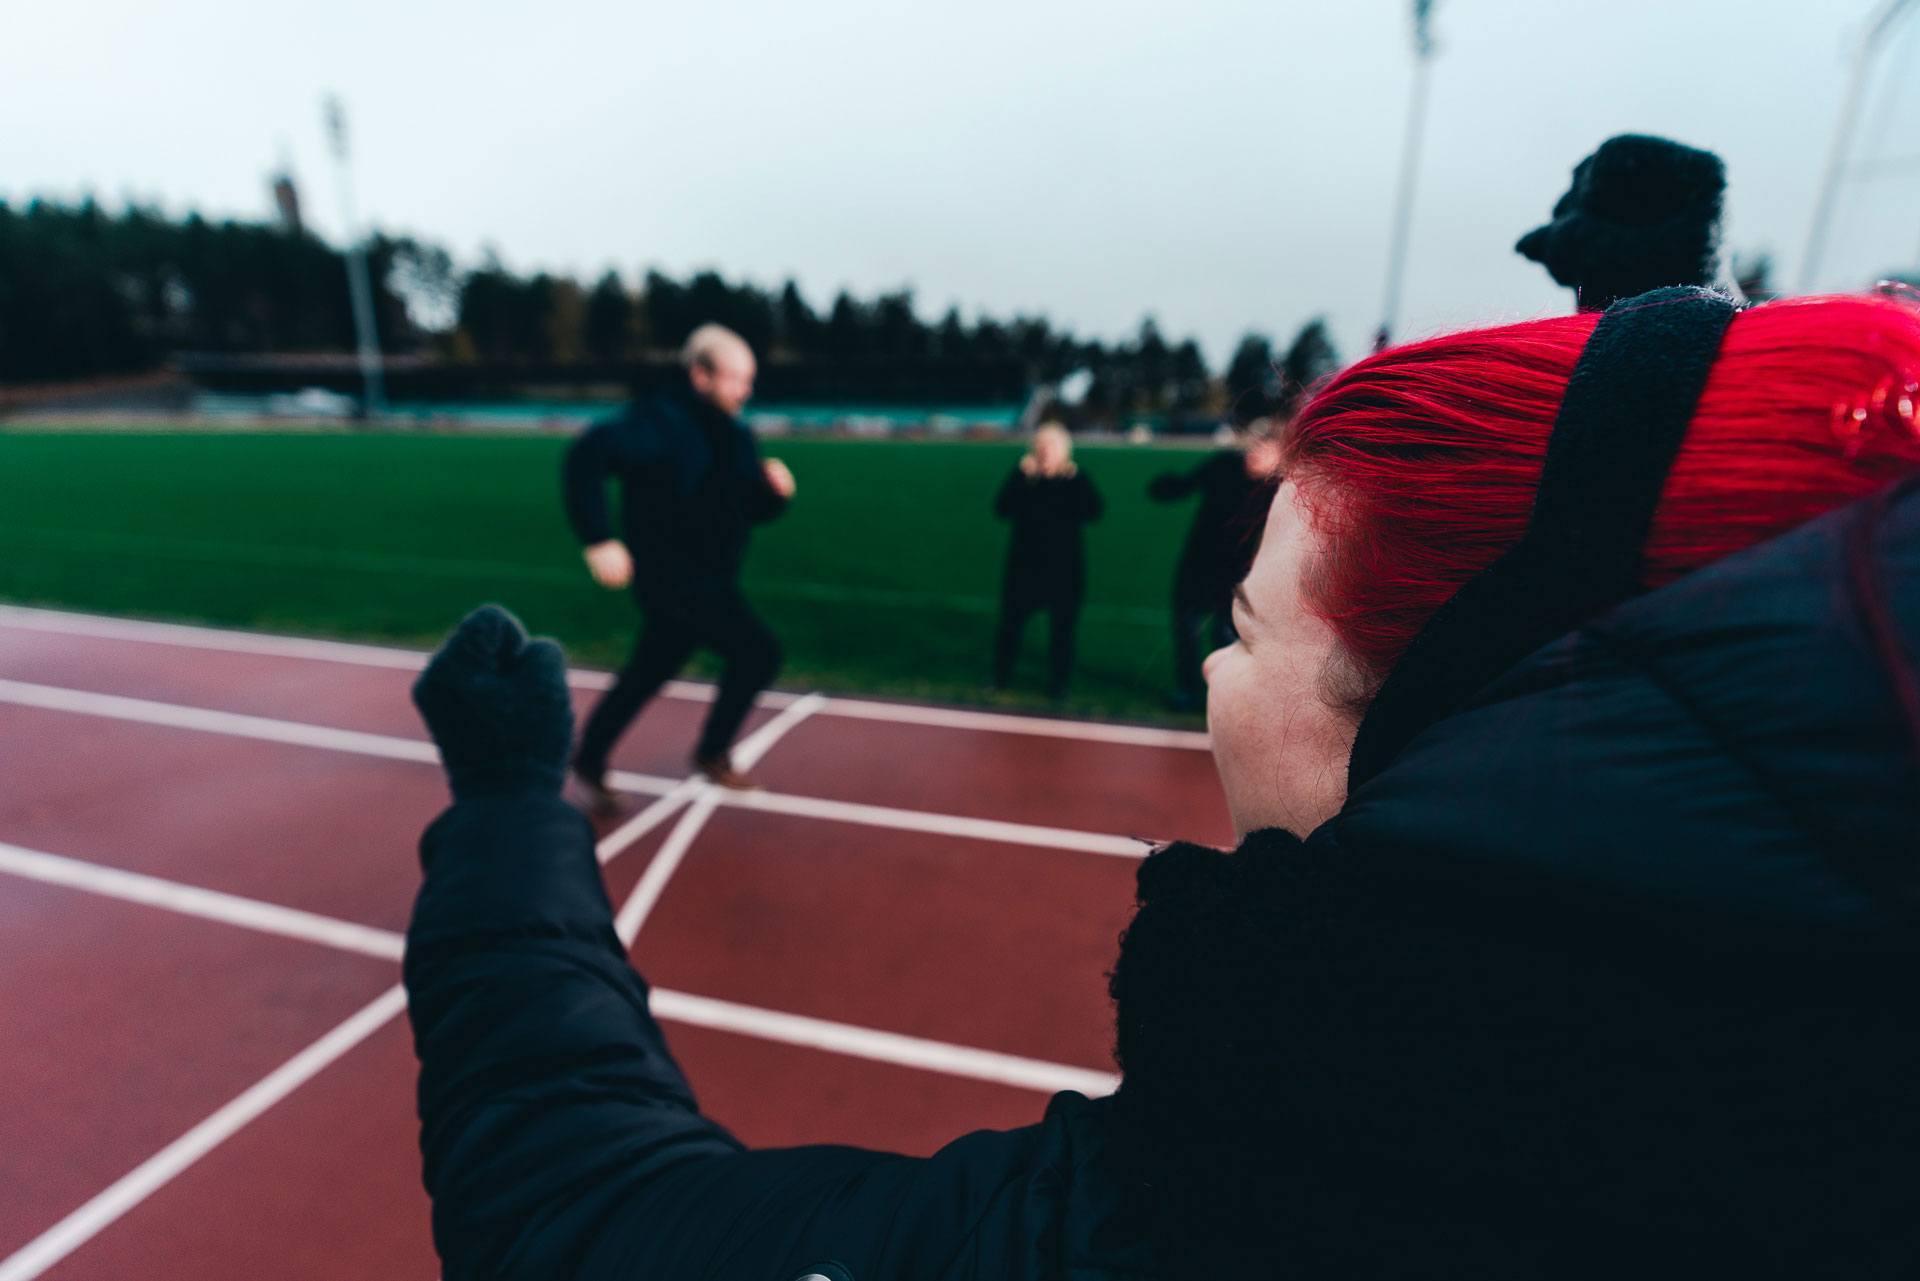 Mies juoksee urheilukentällä maaliin ja nainen tuulettaa.